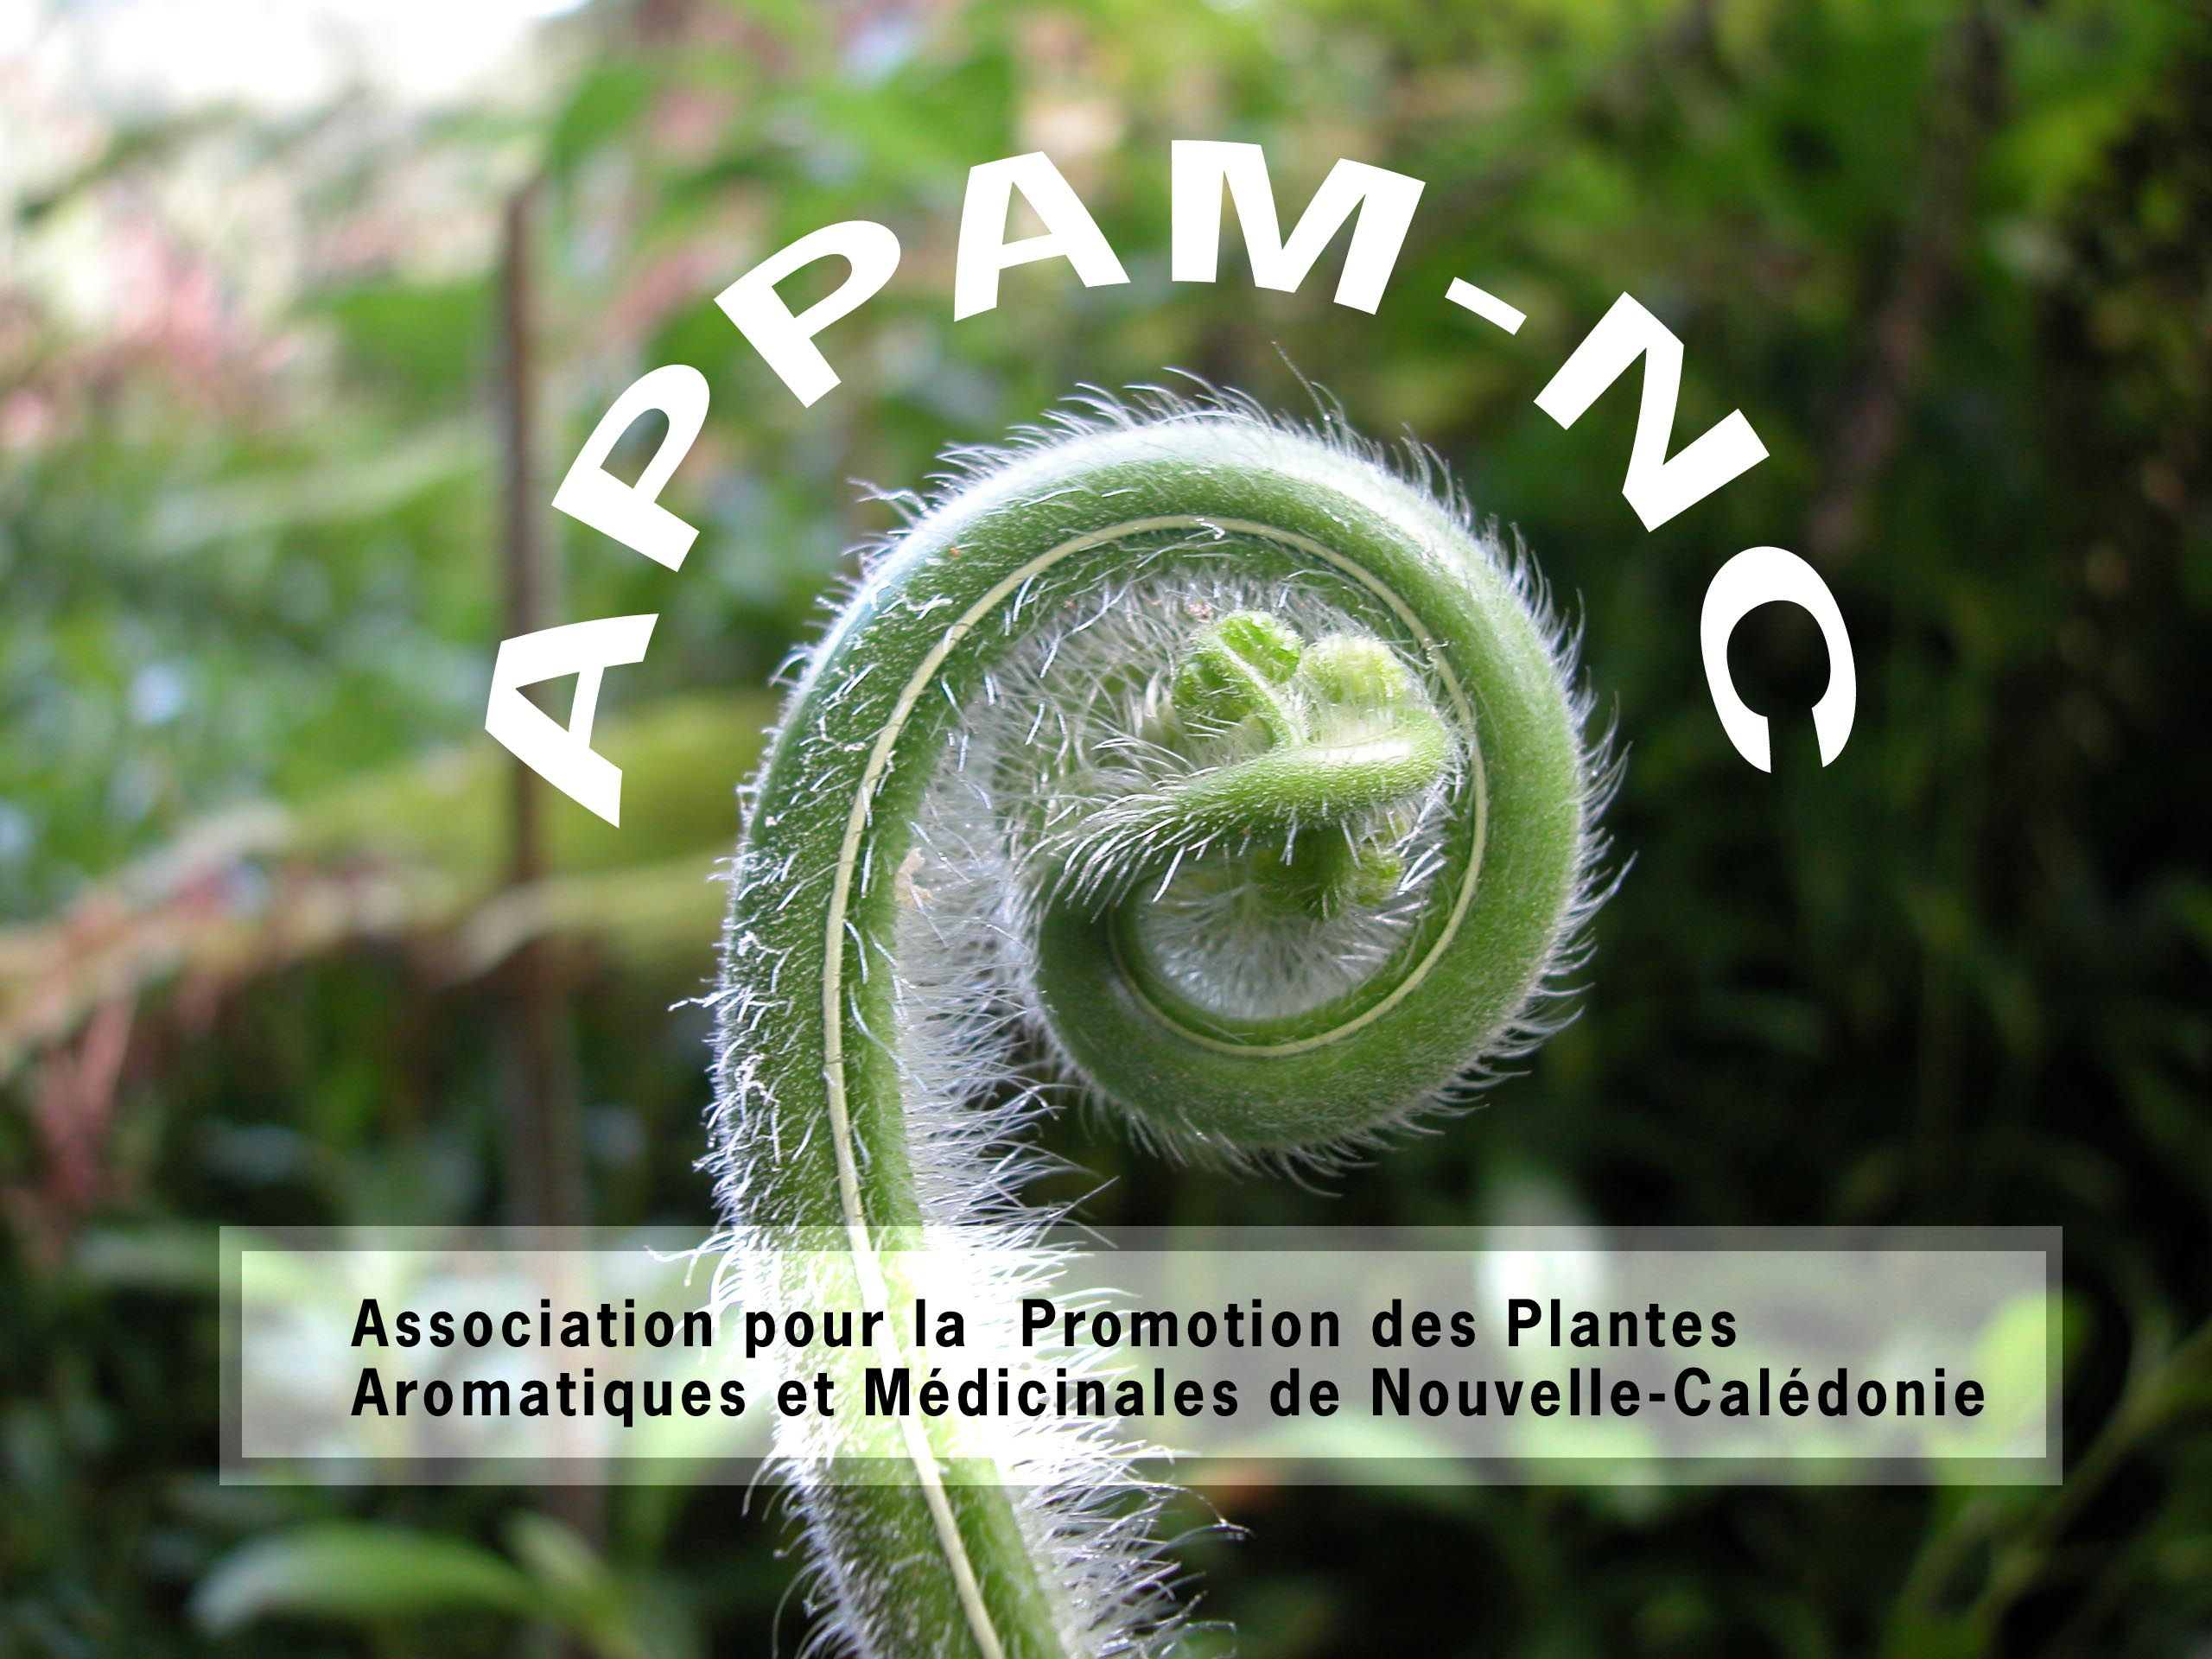 Bienvenue sur le site de l'APPAM